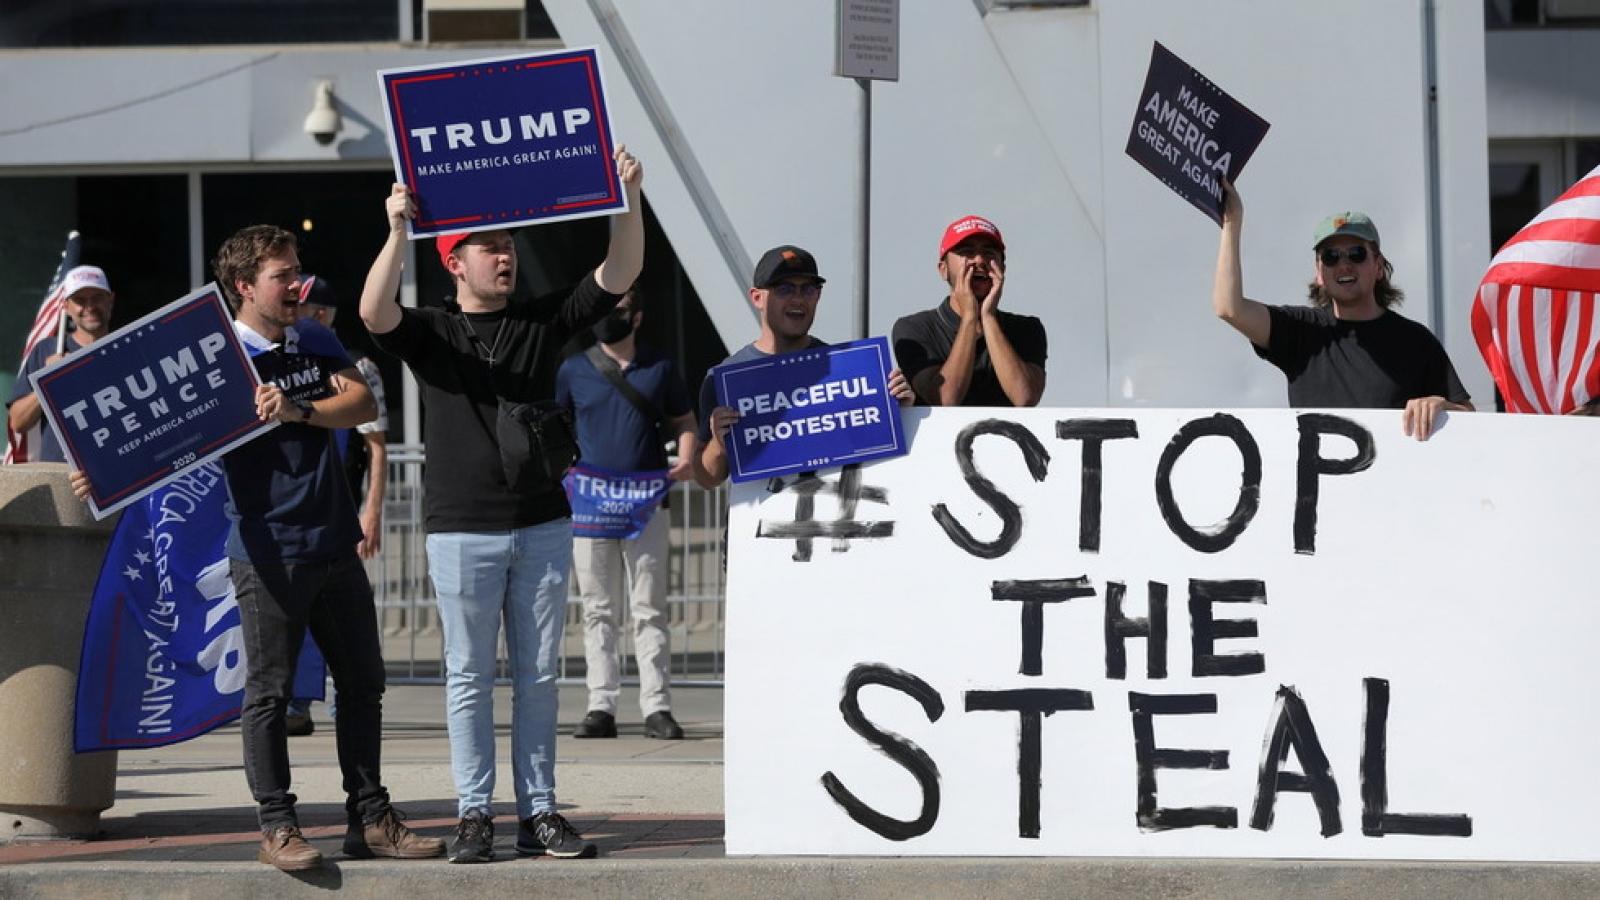 Nhóm pháp lý của ông Trump tung video tố bang Georgia gian lận bầu cử